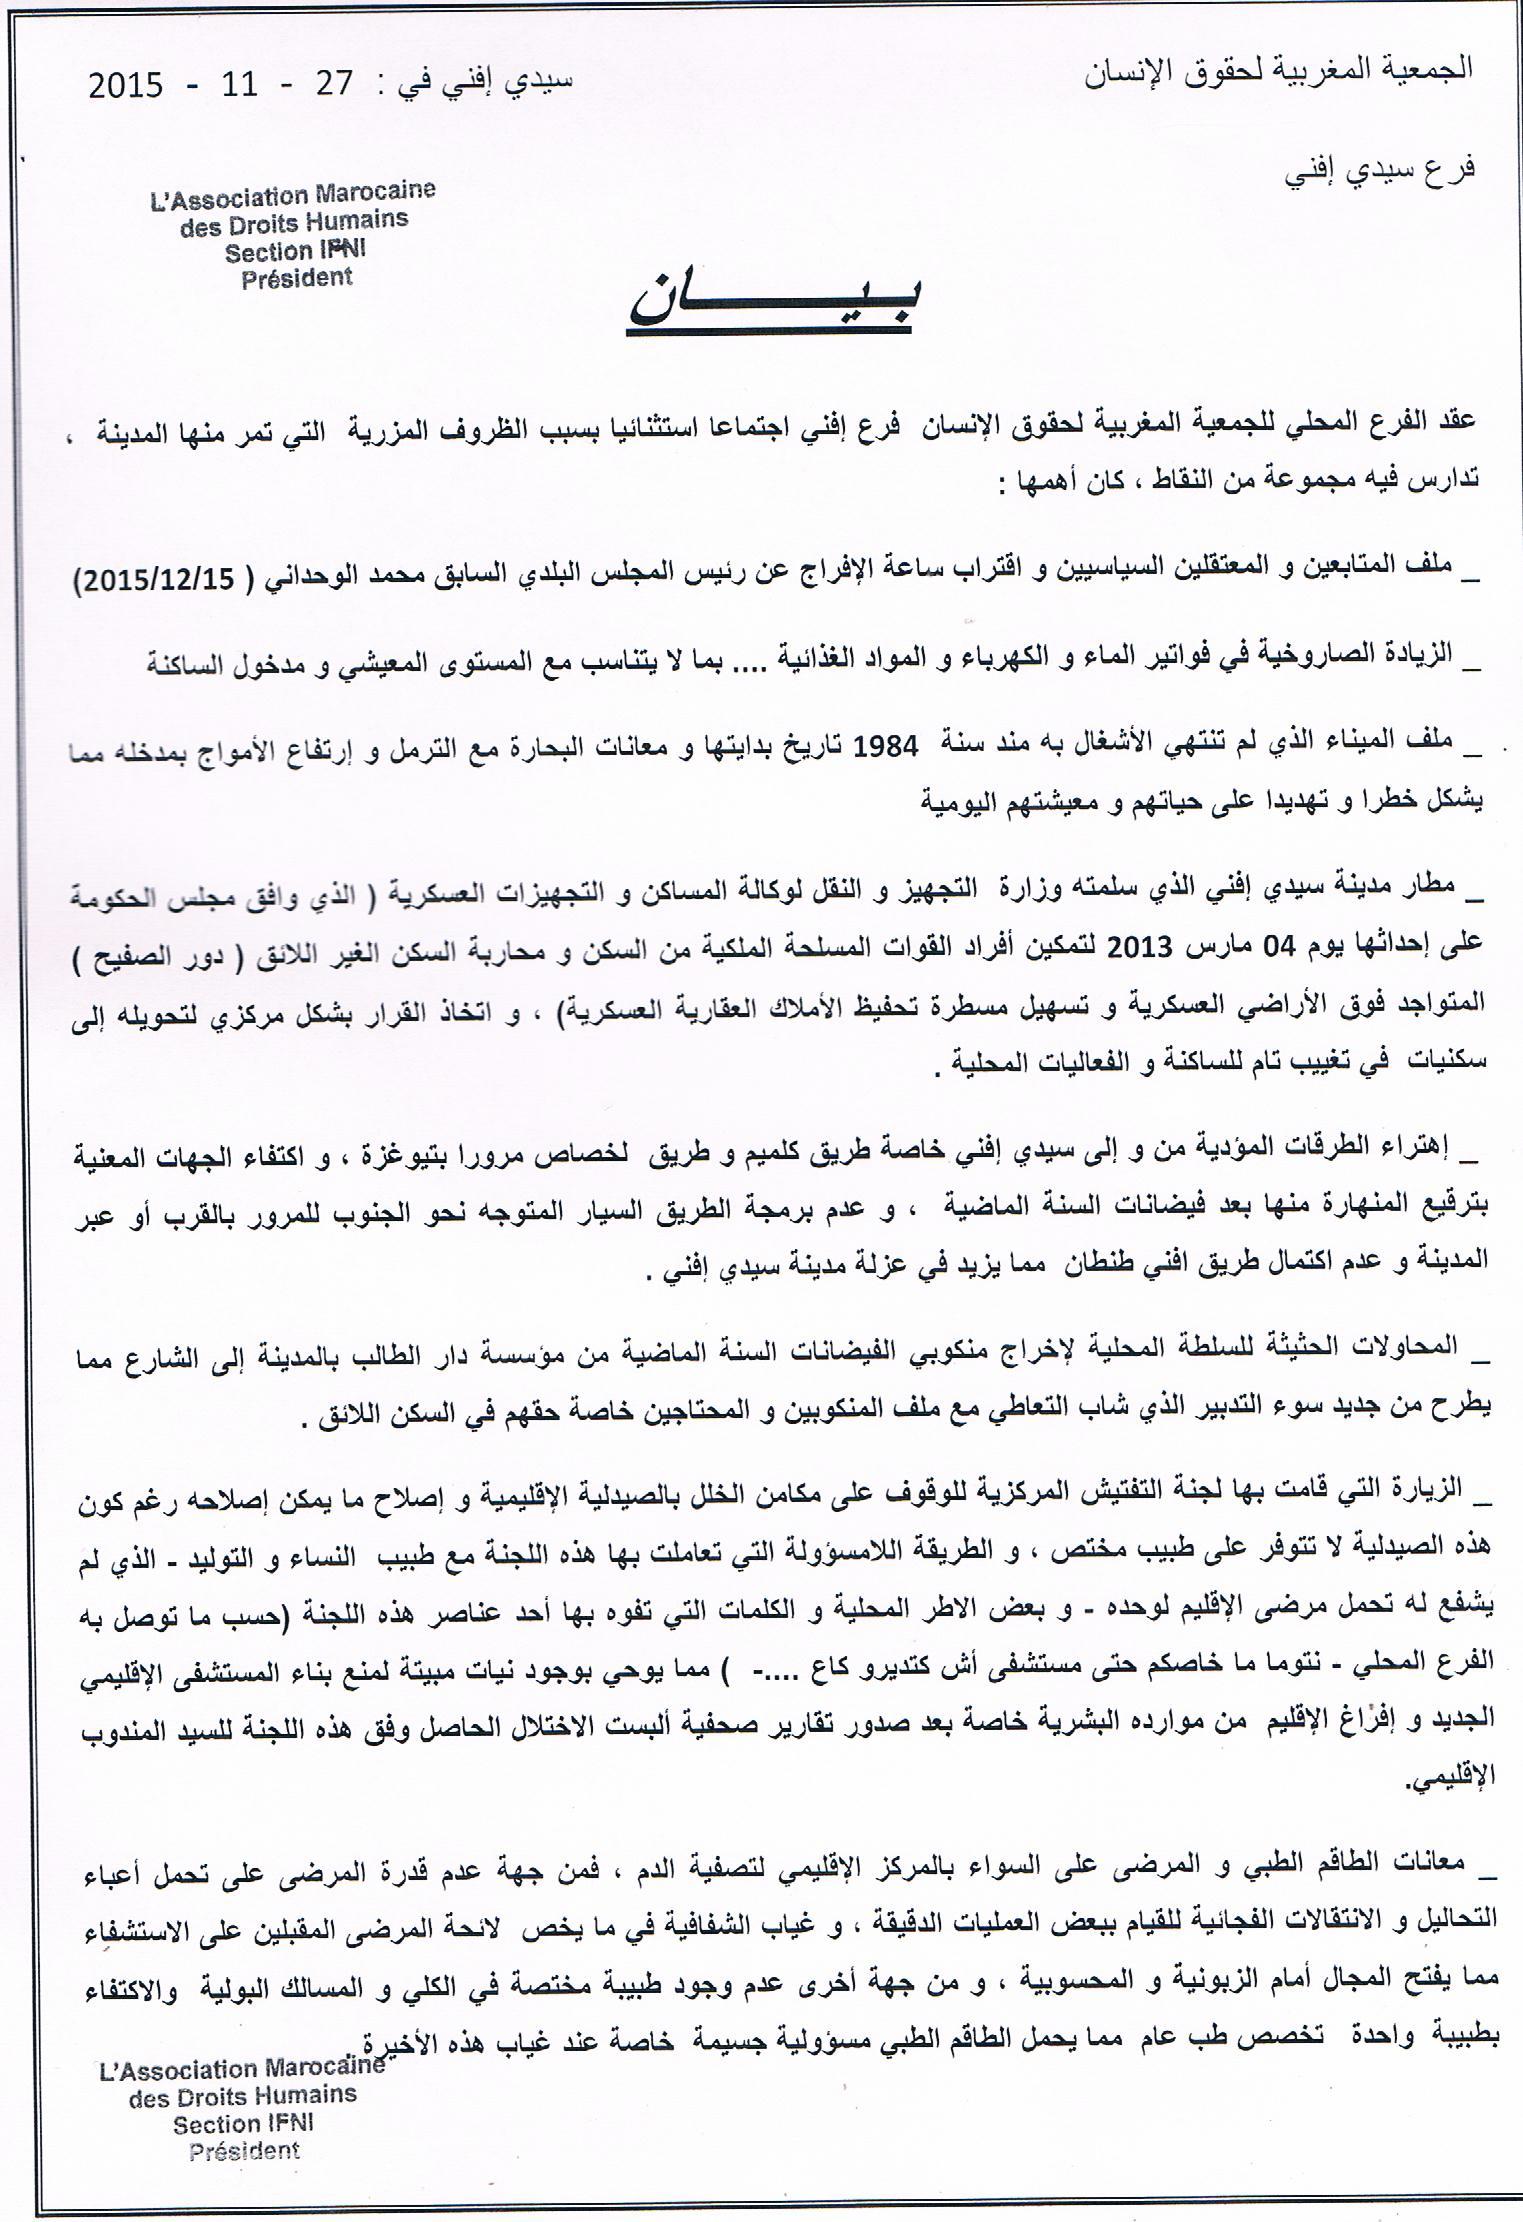 بيان الجمعية المغربية لحقوق الإنسان حول الاوضاع المزرية بسيدي إفني